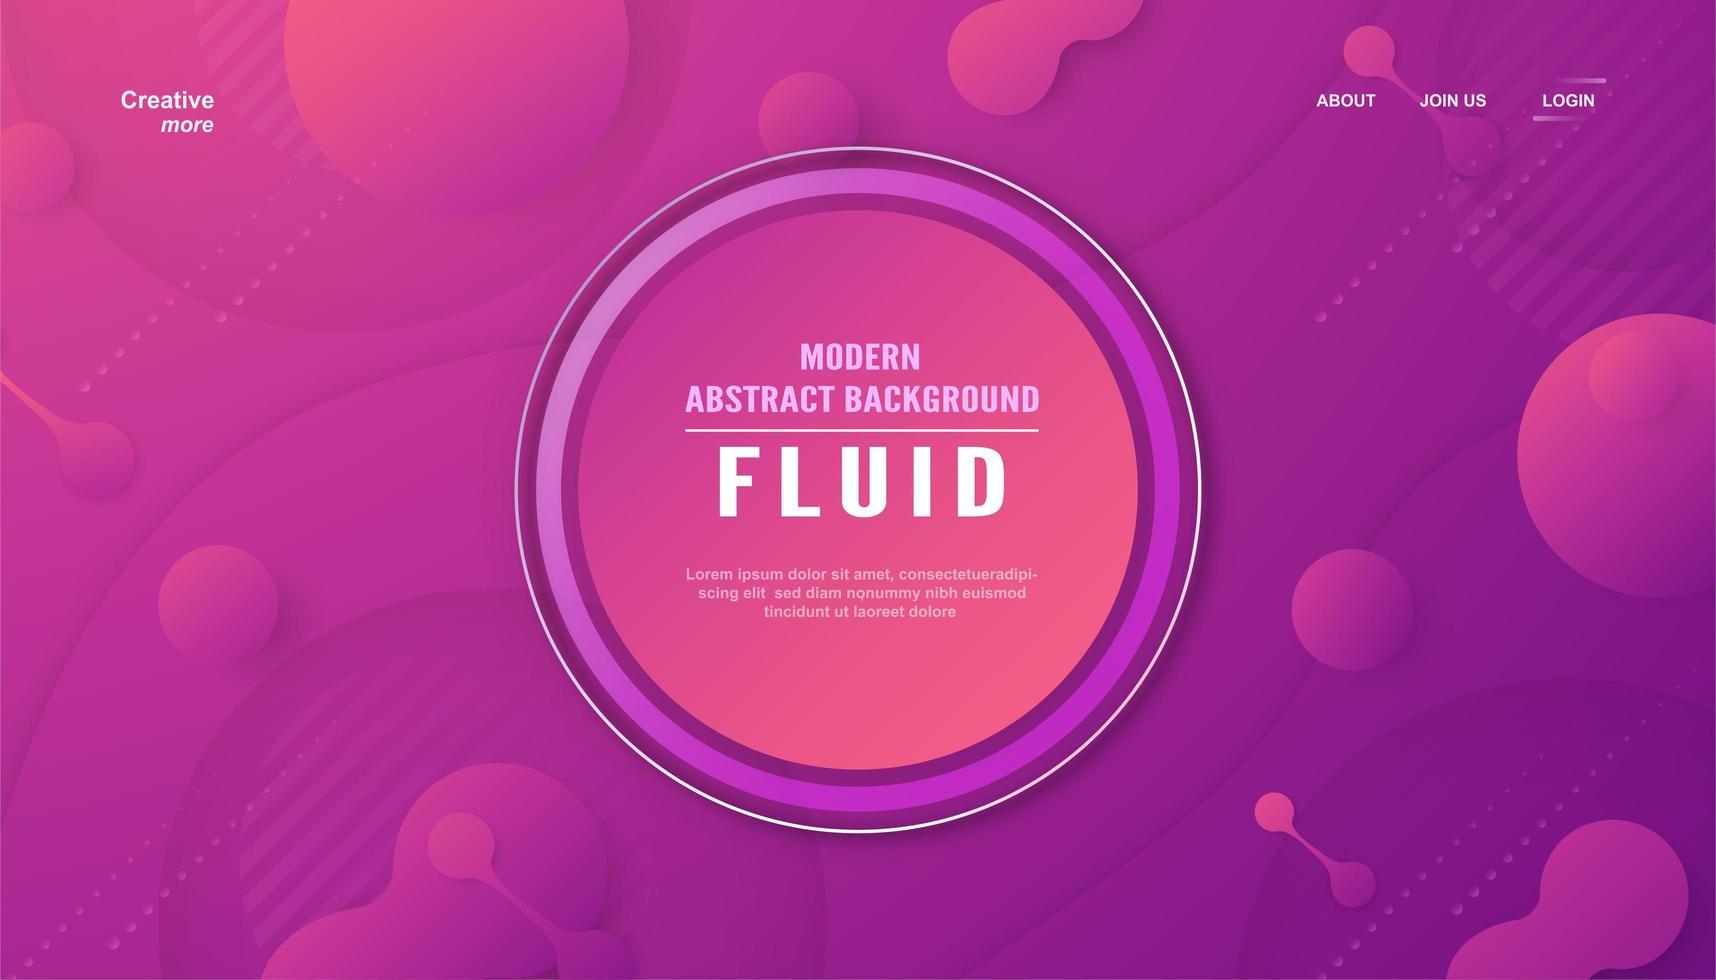 moderner abstrakter Hintergrund im fließenden Stil. vektor